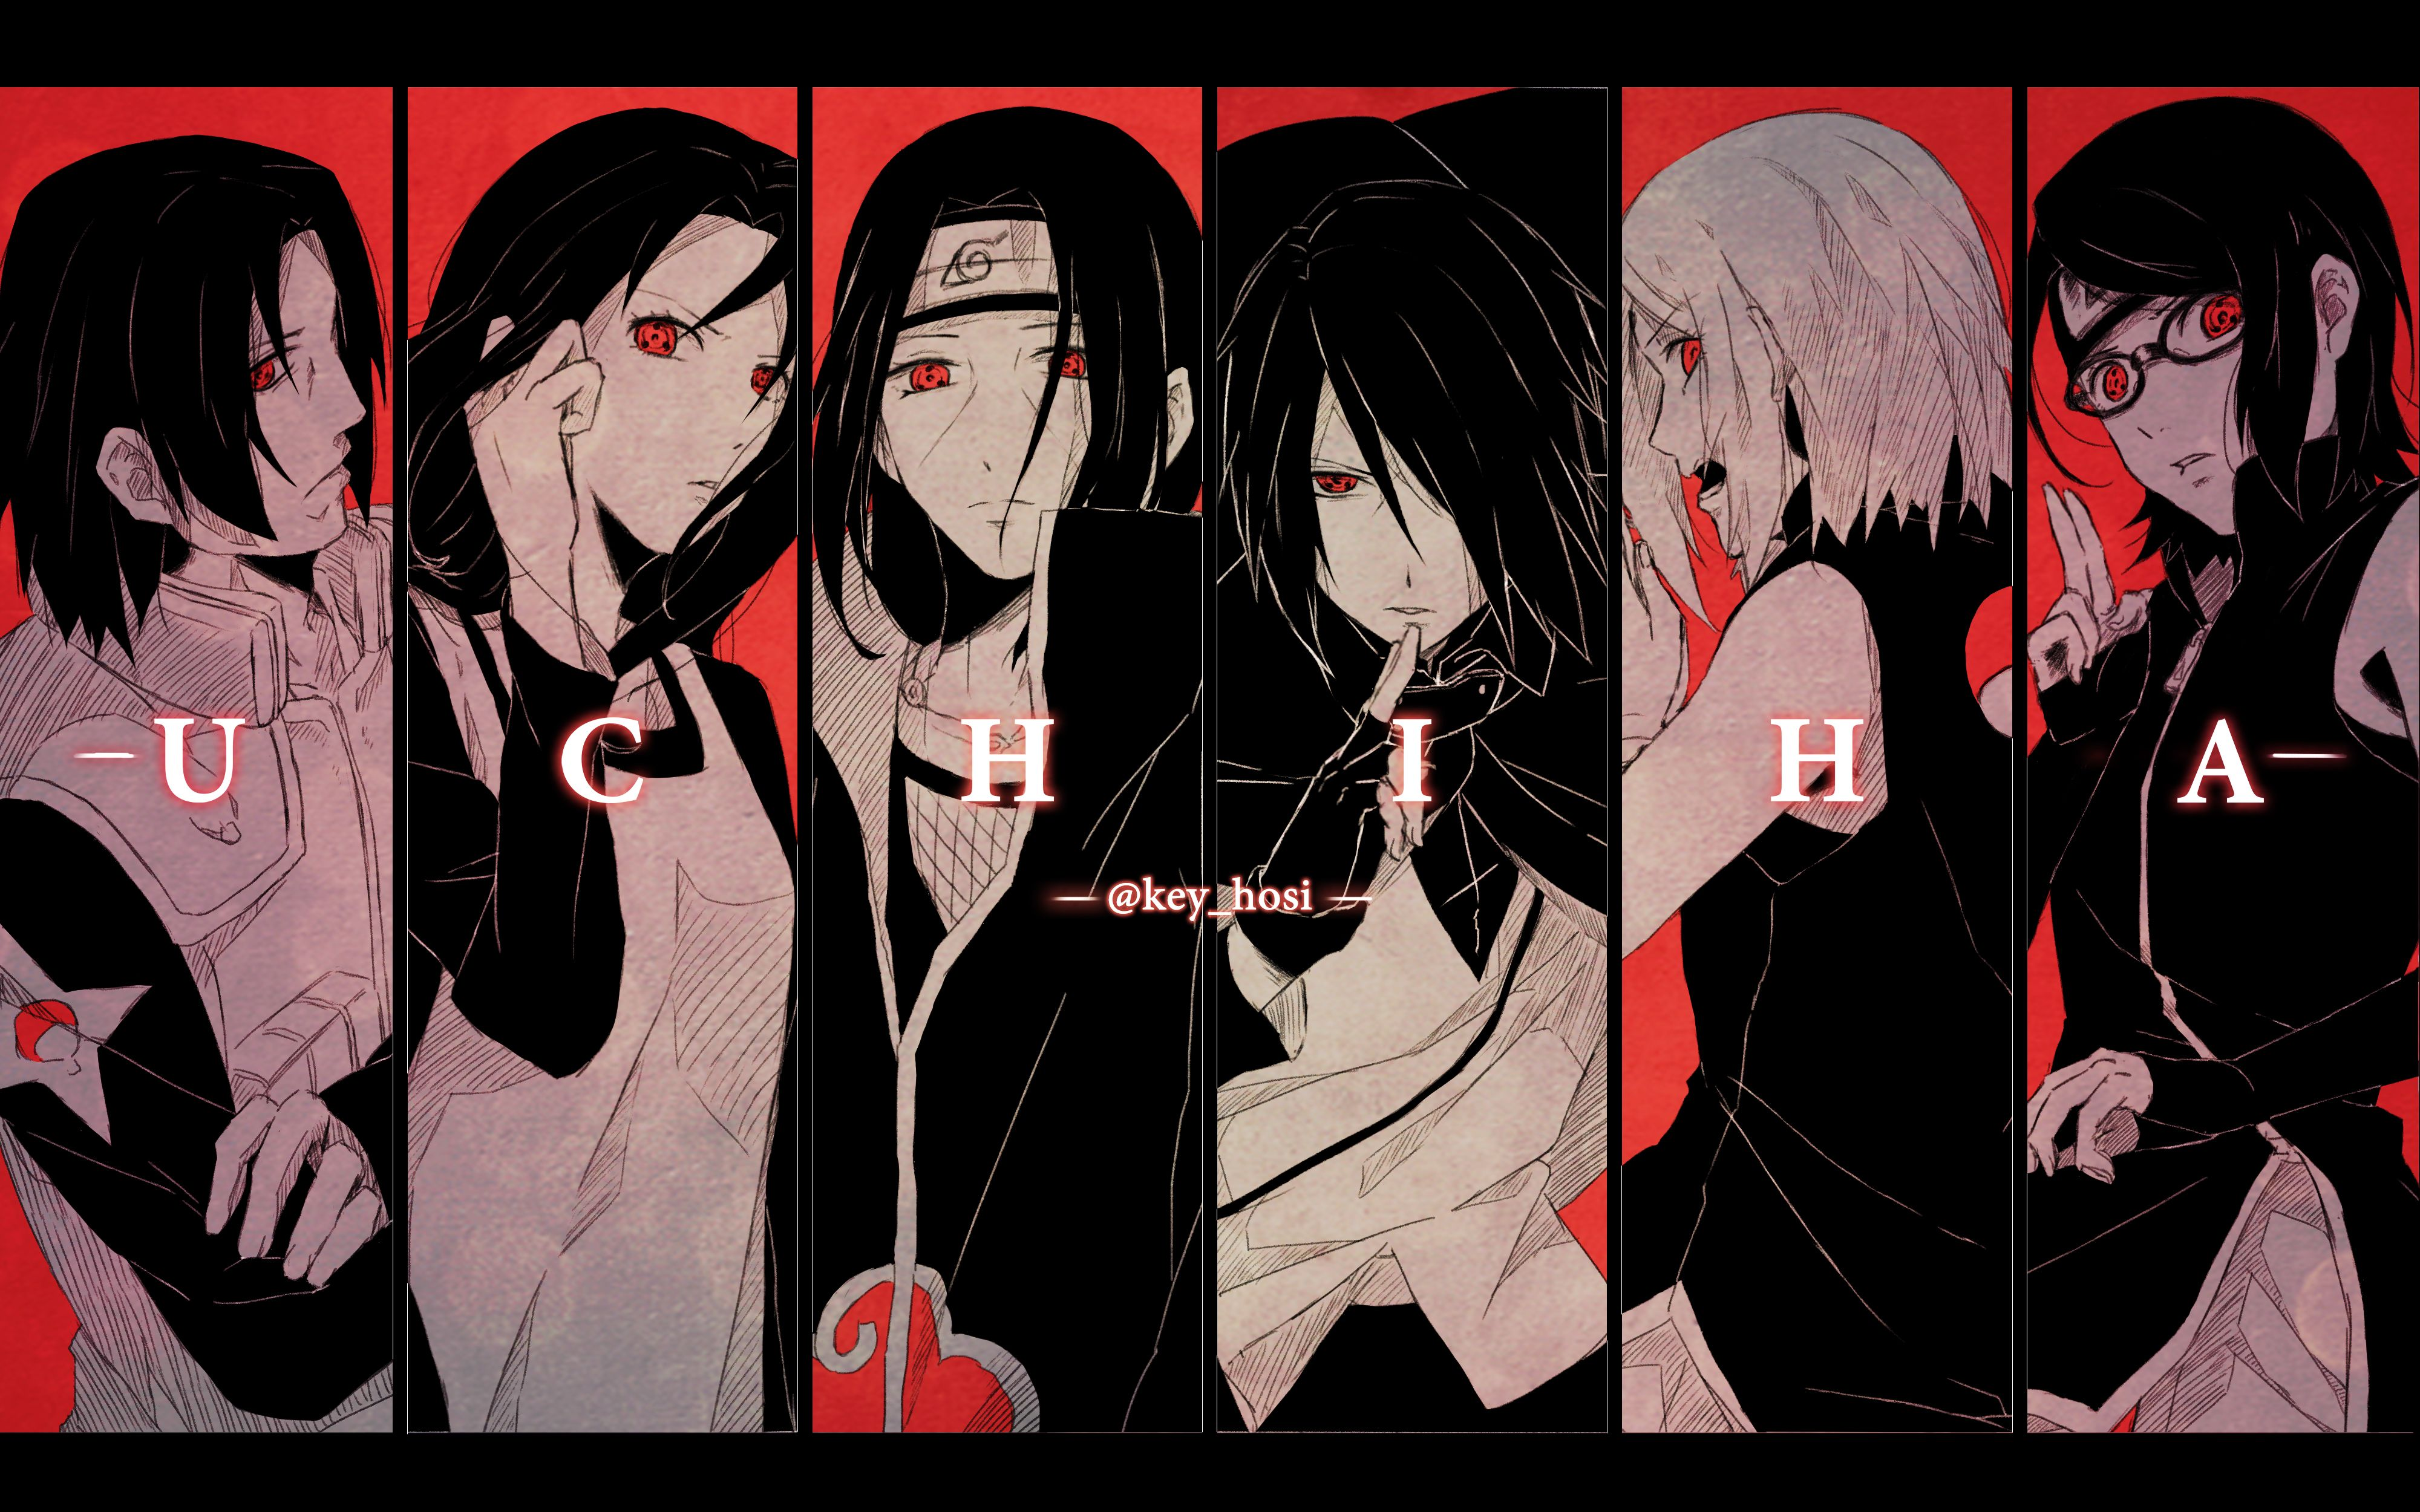 Tags: Fanart, NARUTO, Haruno Sakura, Uchiha Sasuke, Pixiv ...